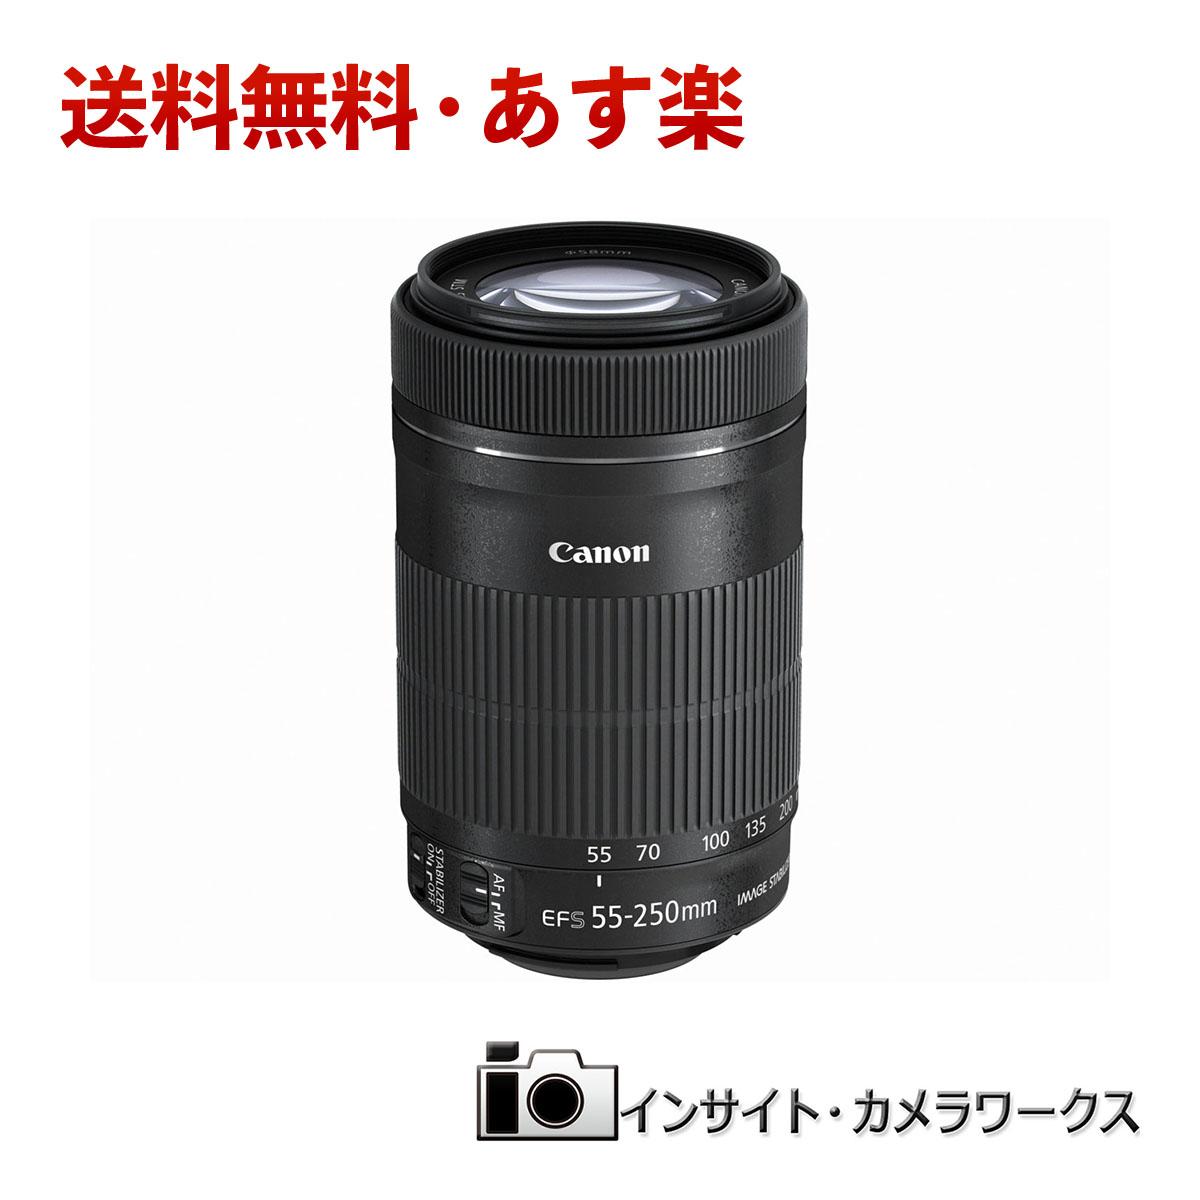 【あす楽対応・送料無料】 【あす楽】Canon 望遠ズームレンズ レンズ 望遠 EF-S55-250mm F4-5.6 IS STM APS-C対応 EF-S55-250ISSTM キヤノン Kiss Xシリーズ対応 望遠レンズ 運動会 発表会に 交換レンズ